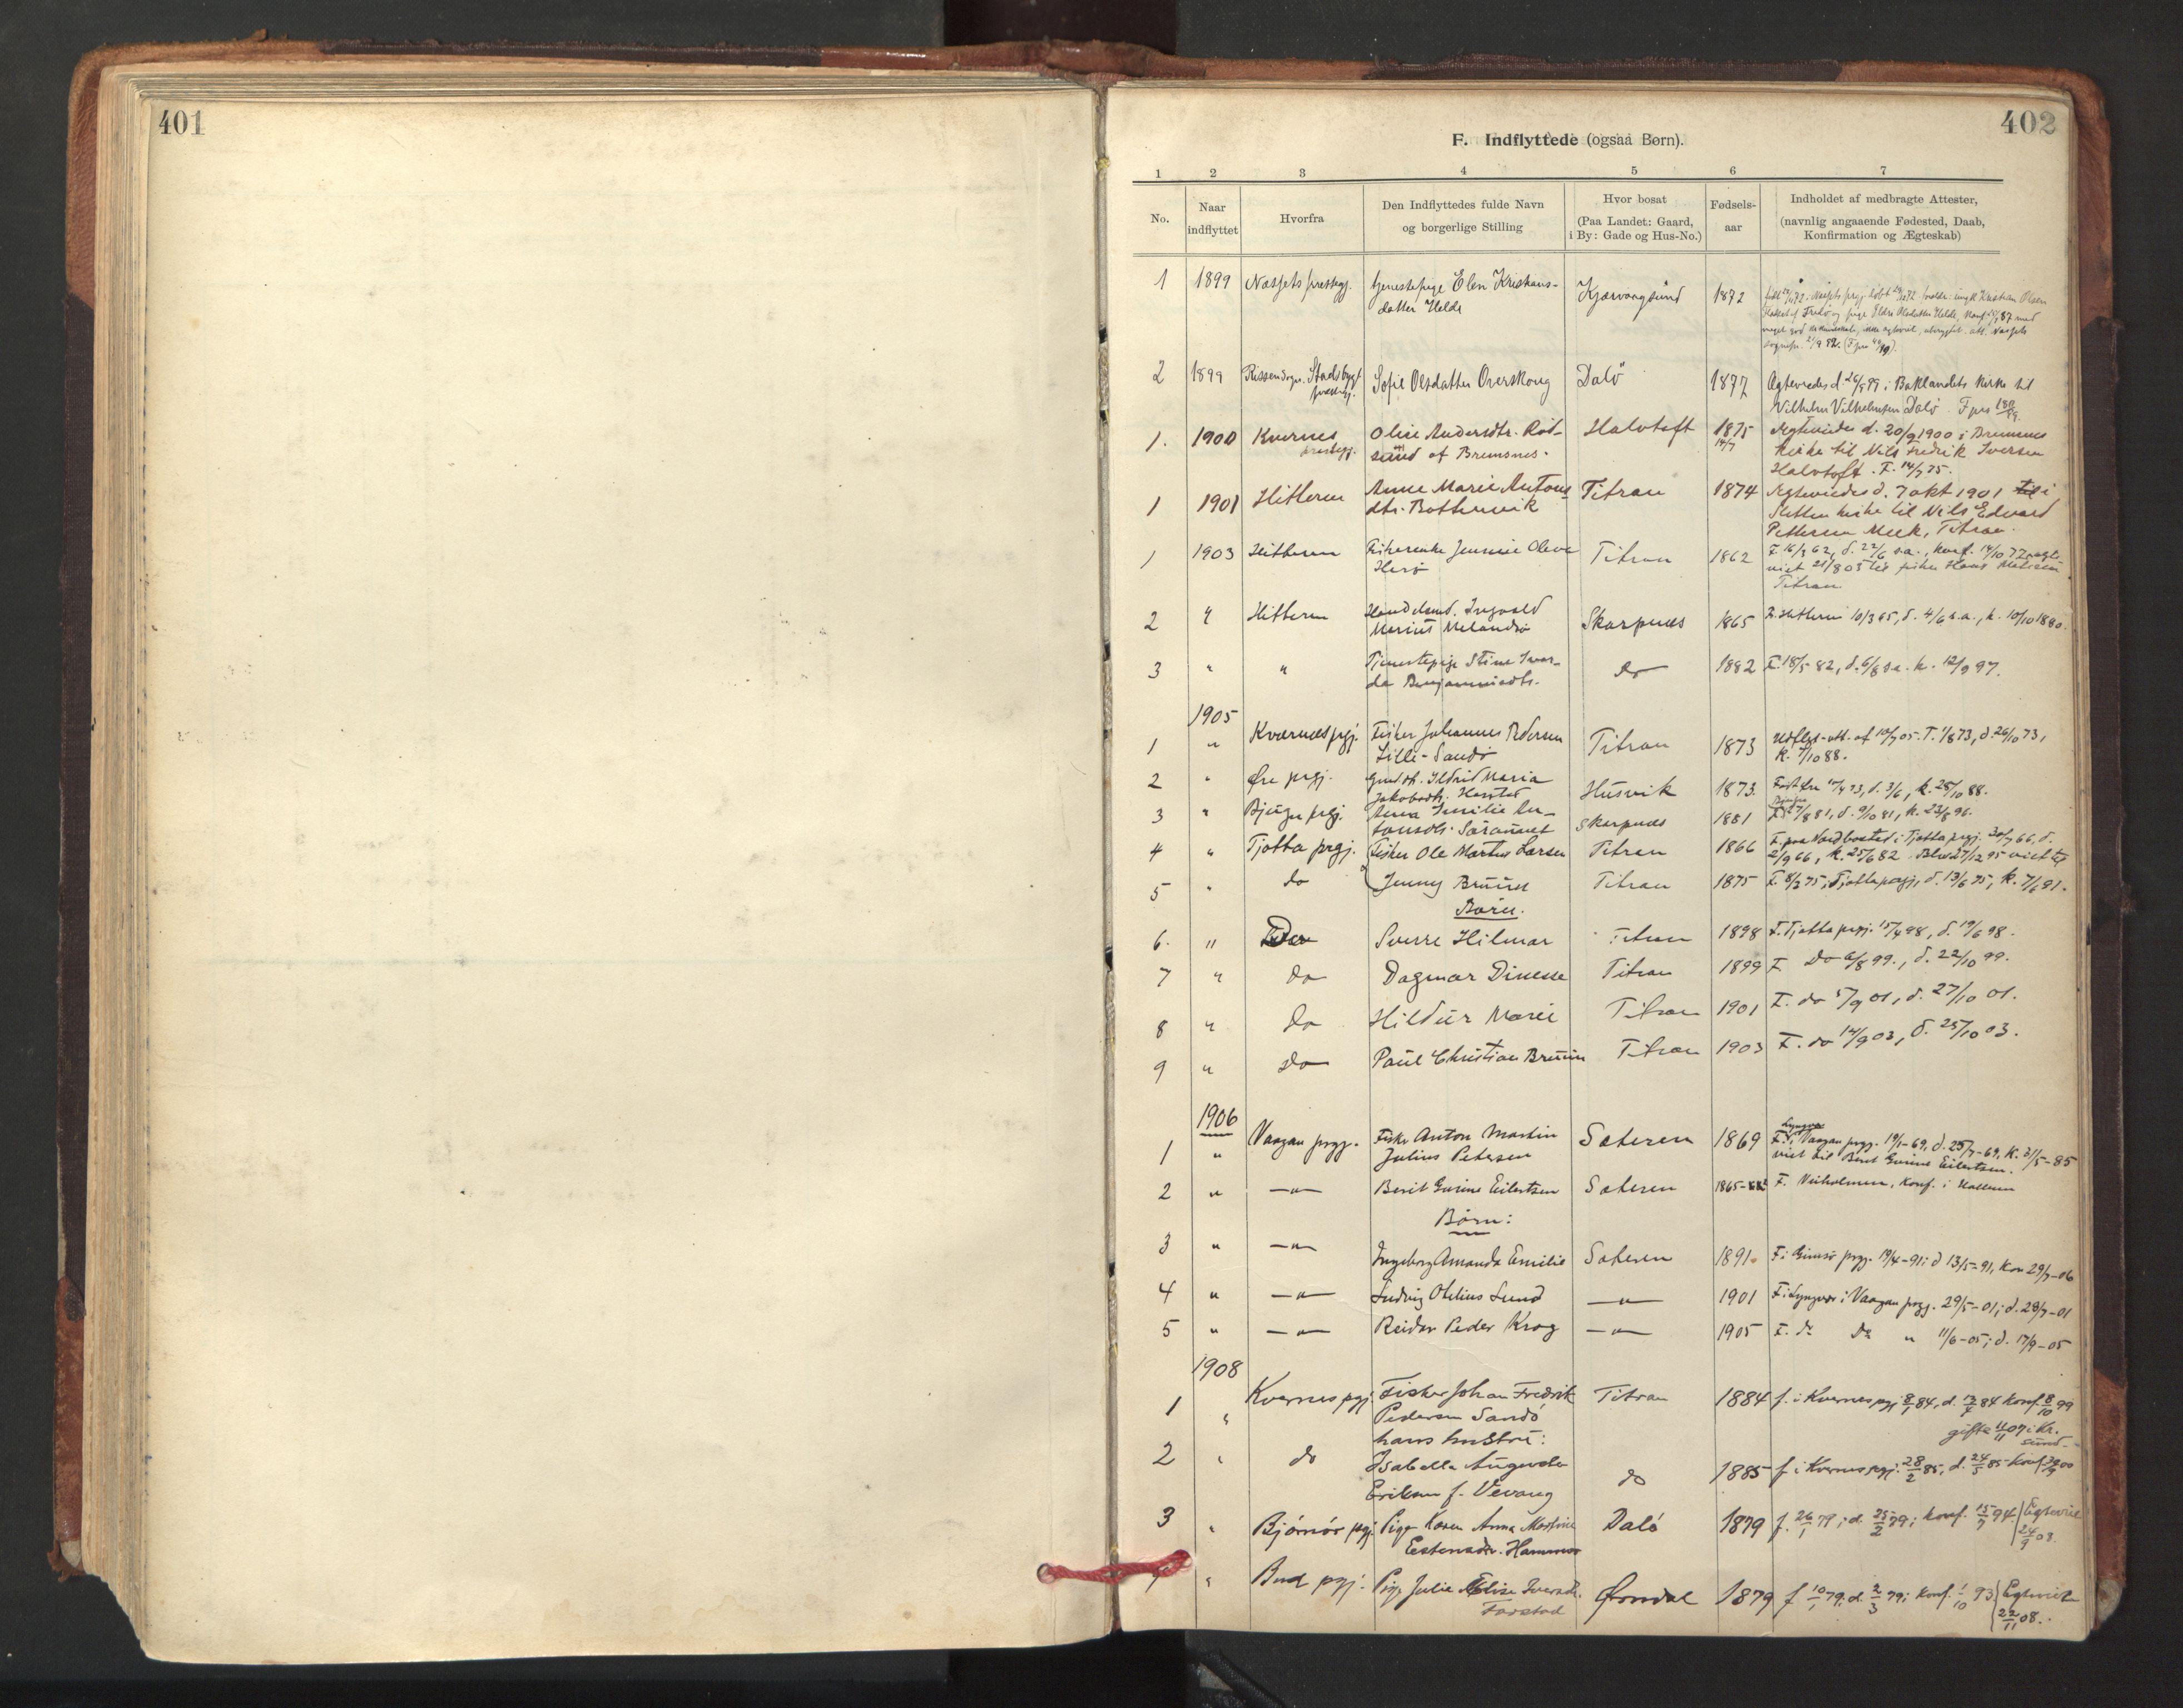 SAT, Ministerialprotokoller, klokkerbøker og fødselsregistre - Sør-Trøndelag, 641/L0596: Ministerialbok nr. 641A02, 1898-1915, s. 401-402